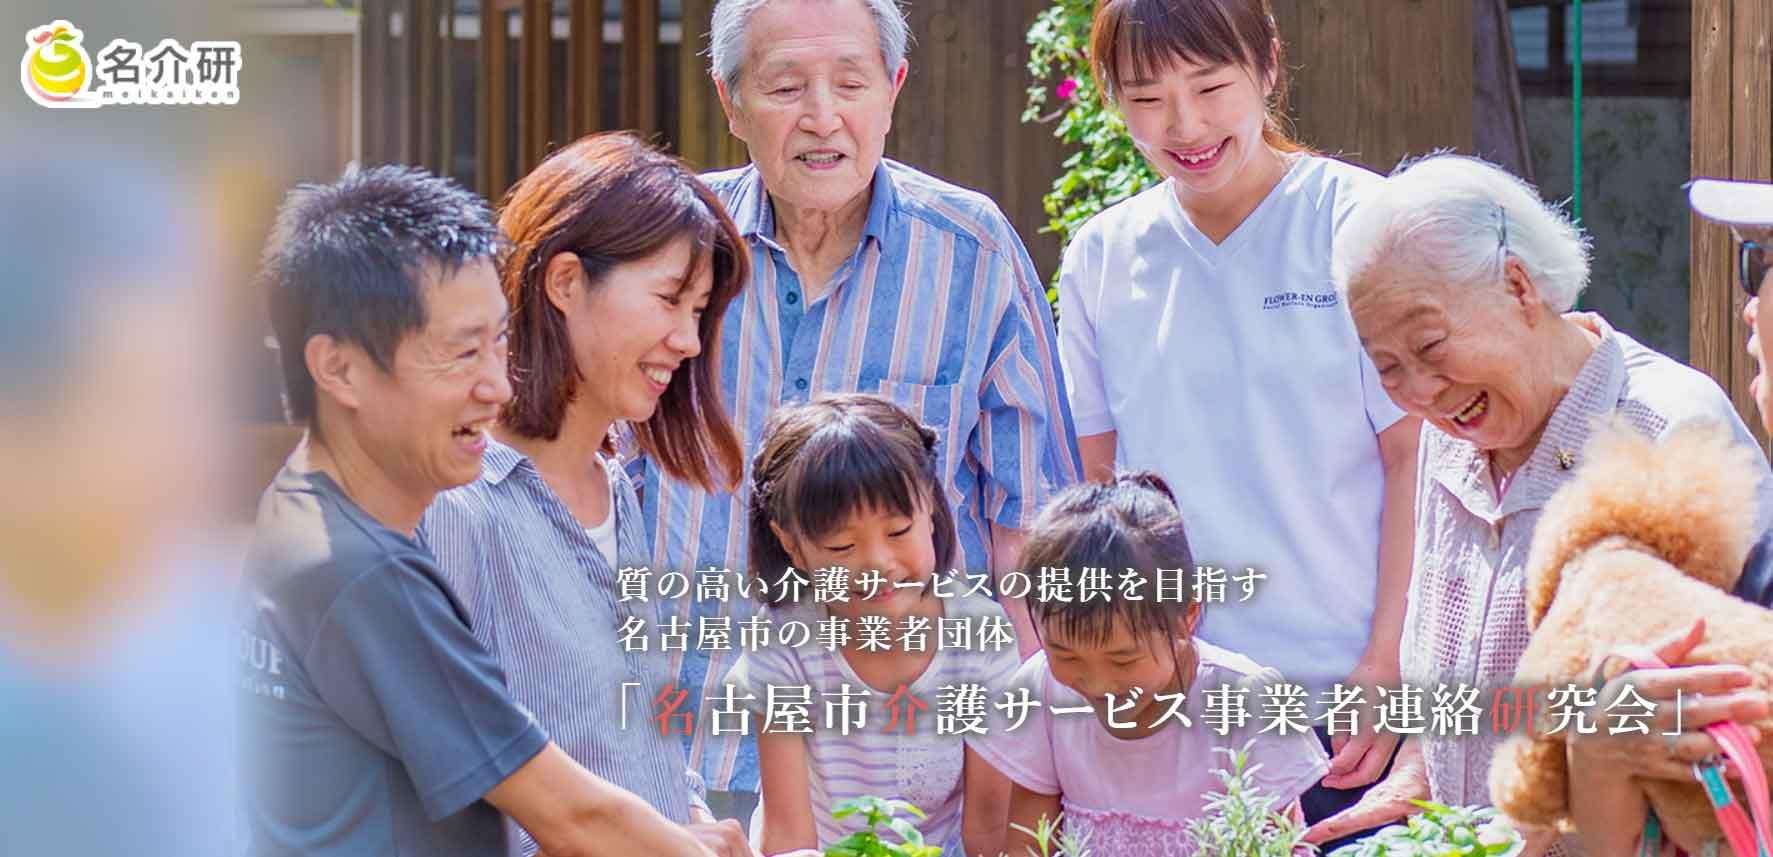 名古屋市介護サービス事業者連絡研究会